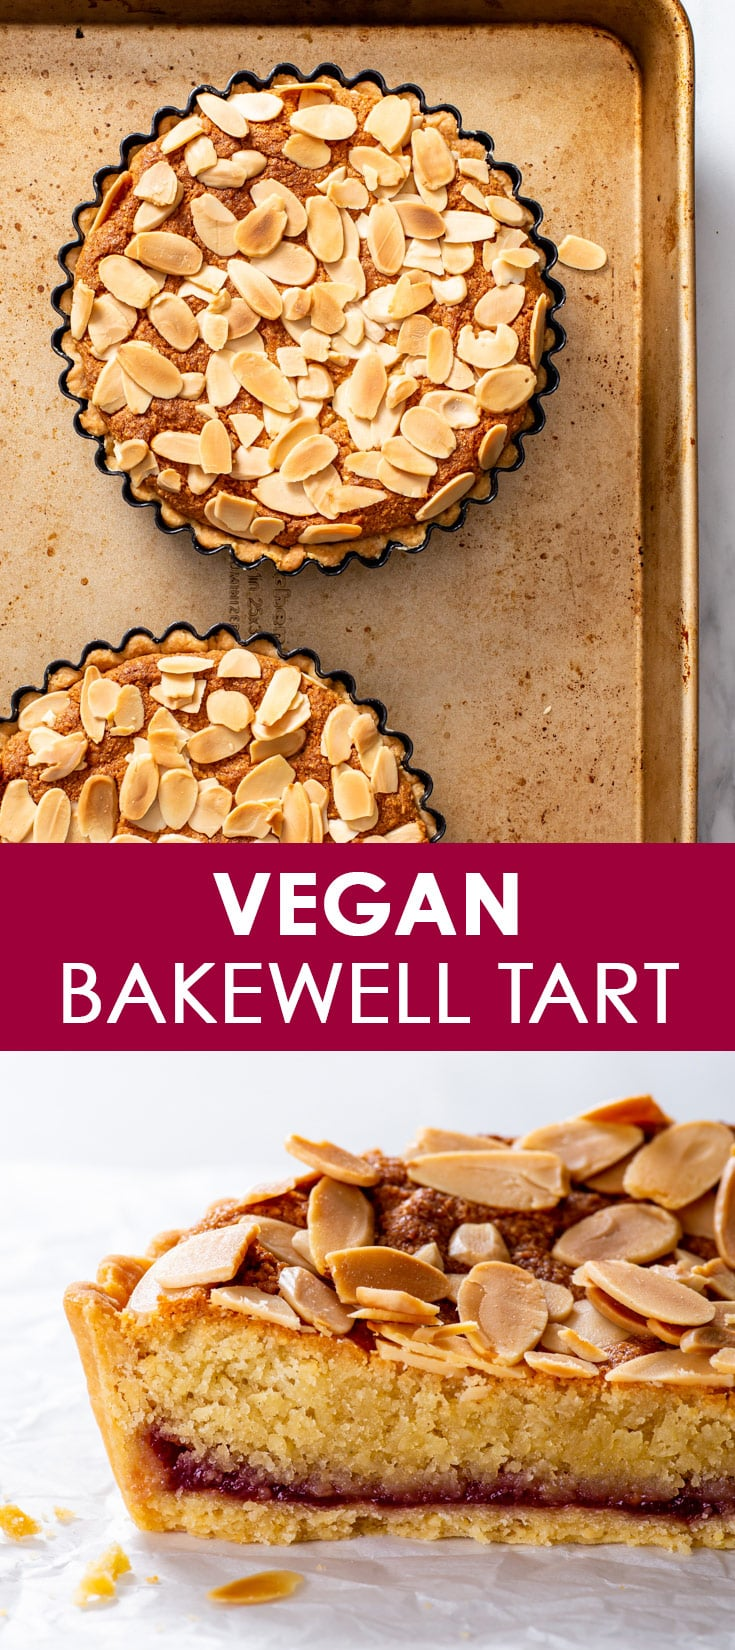 Pinterest image for vegan Bakewell tart.